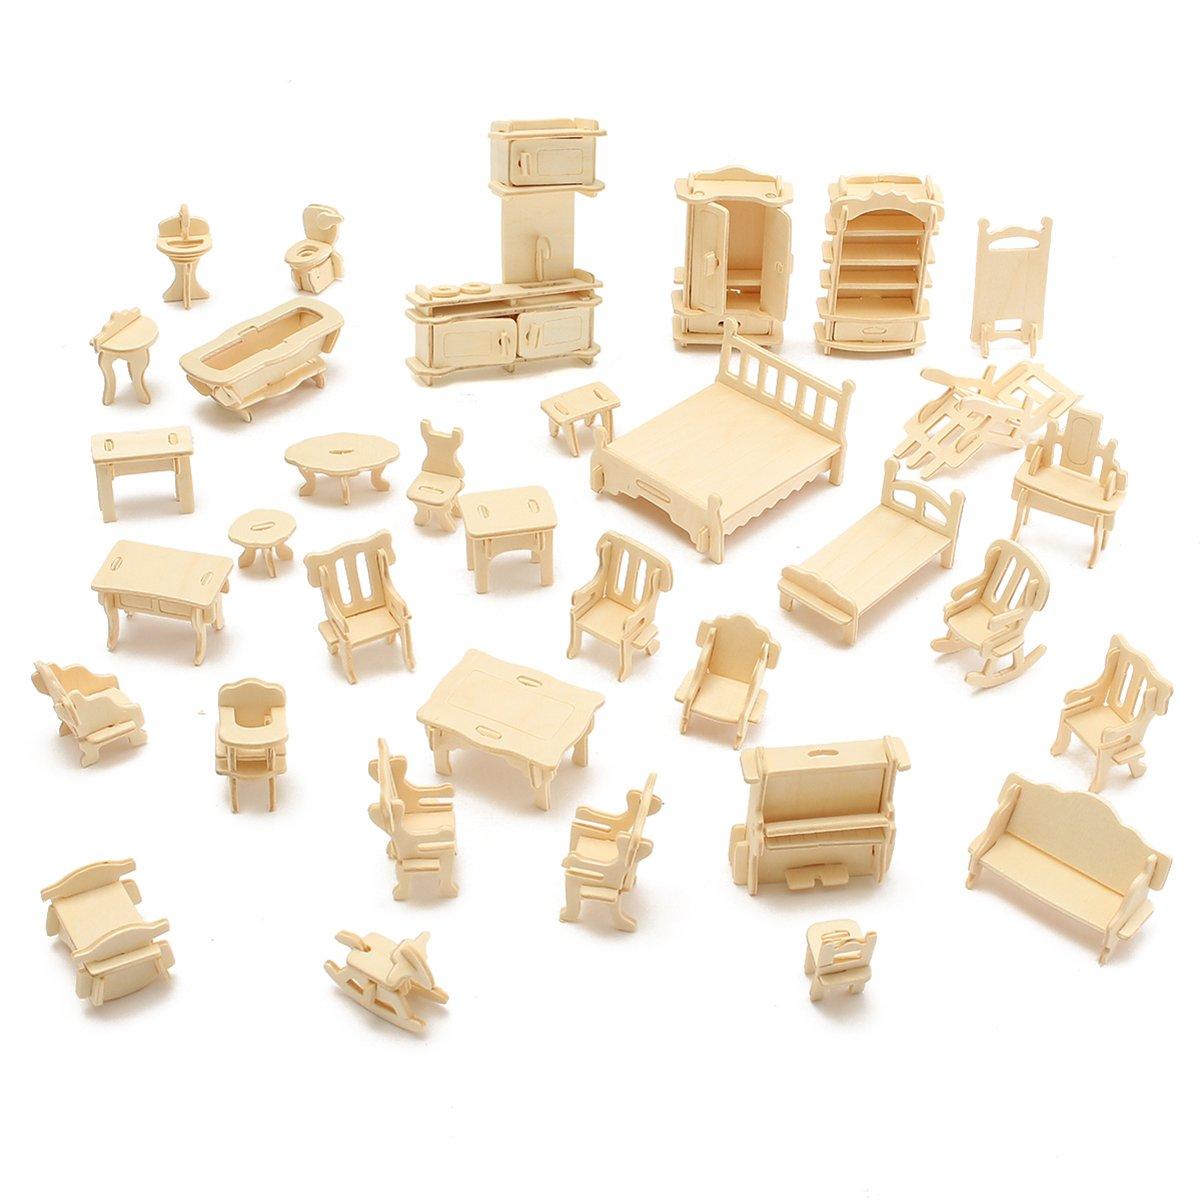 特別オファー HAPYLY 34ピース 3D ドールハウス 家具 パズル 木製 B07L7C9SM4 クラフトキット ハウス HAPYLY パズル ミニチュア モデルセット パズル おもちゃ 子供への最高のギフト B07L7C9SM4, ミヤジマチョウ:8a945a92 --- a0267596.xsph.ru